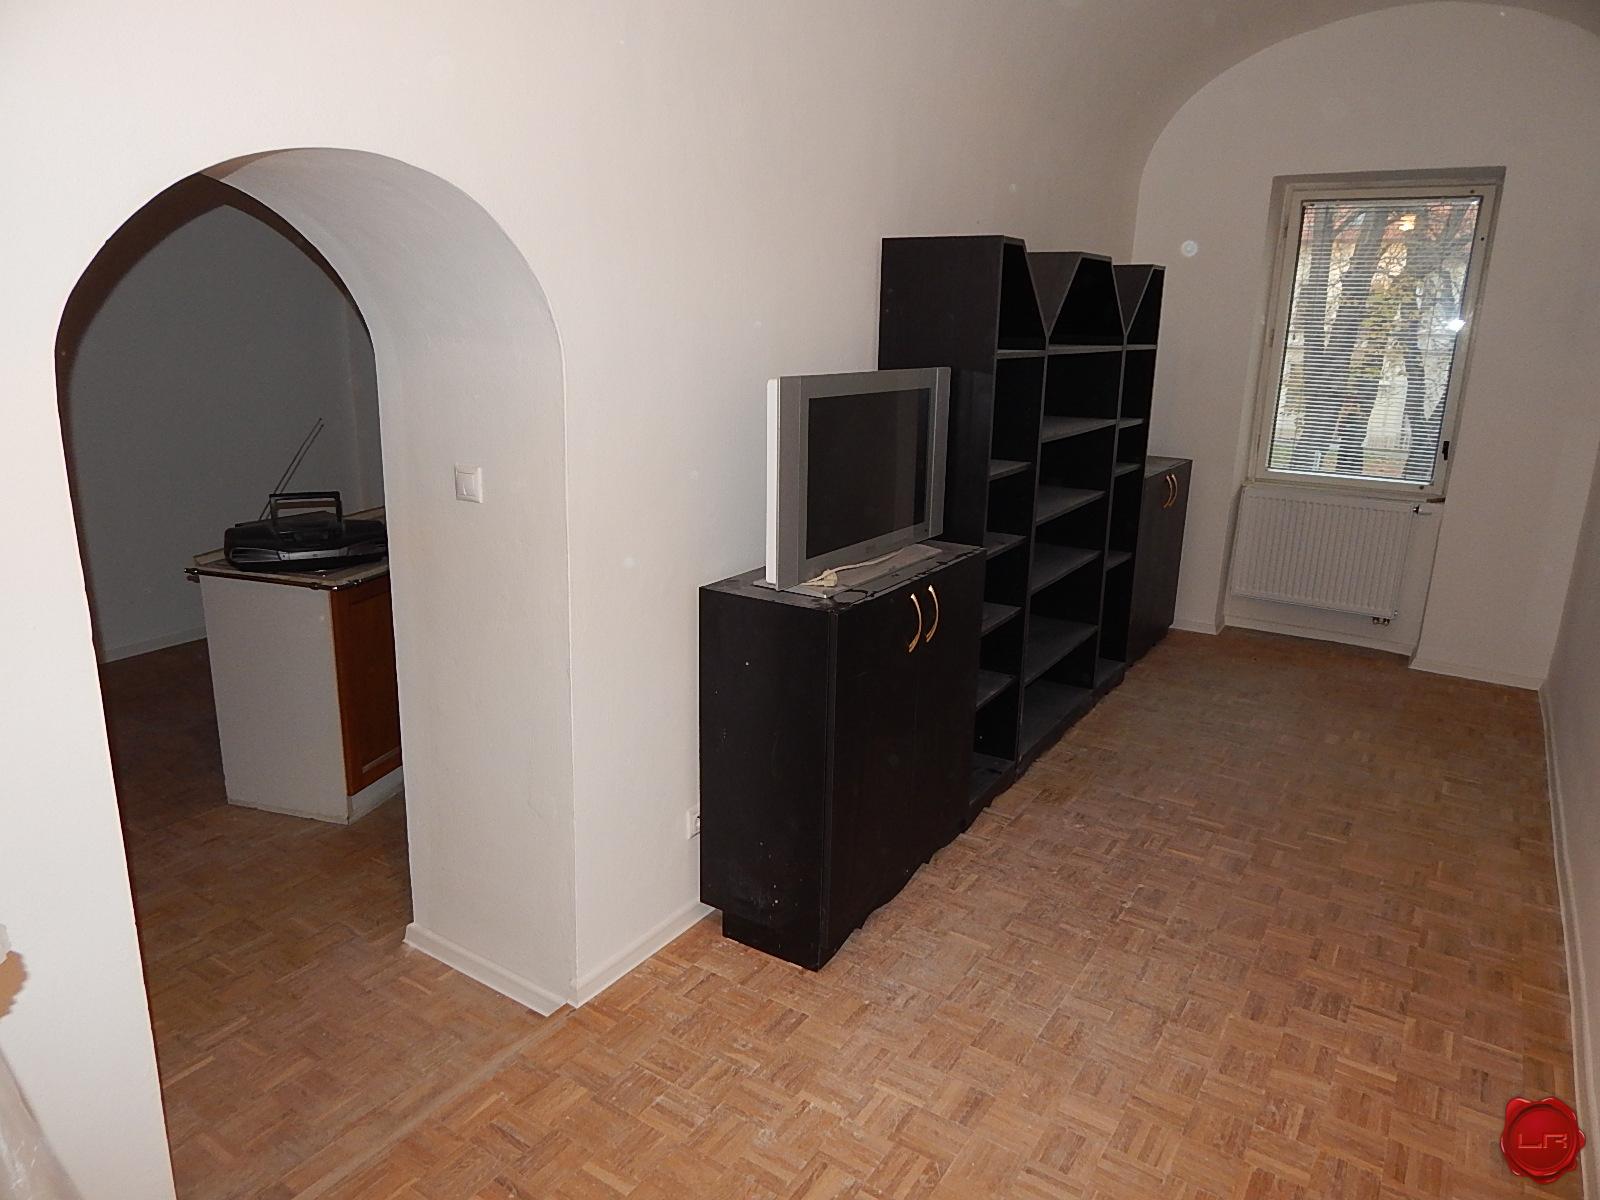 Podnikateľský priestor(91 m2),centrum Spišská Nová Ves